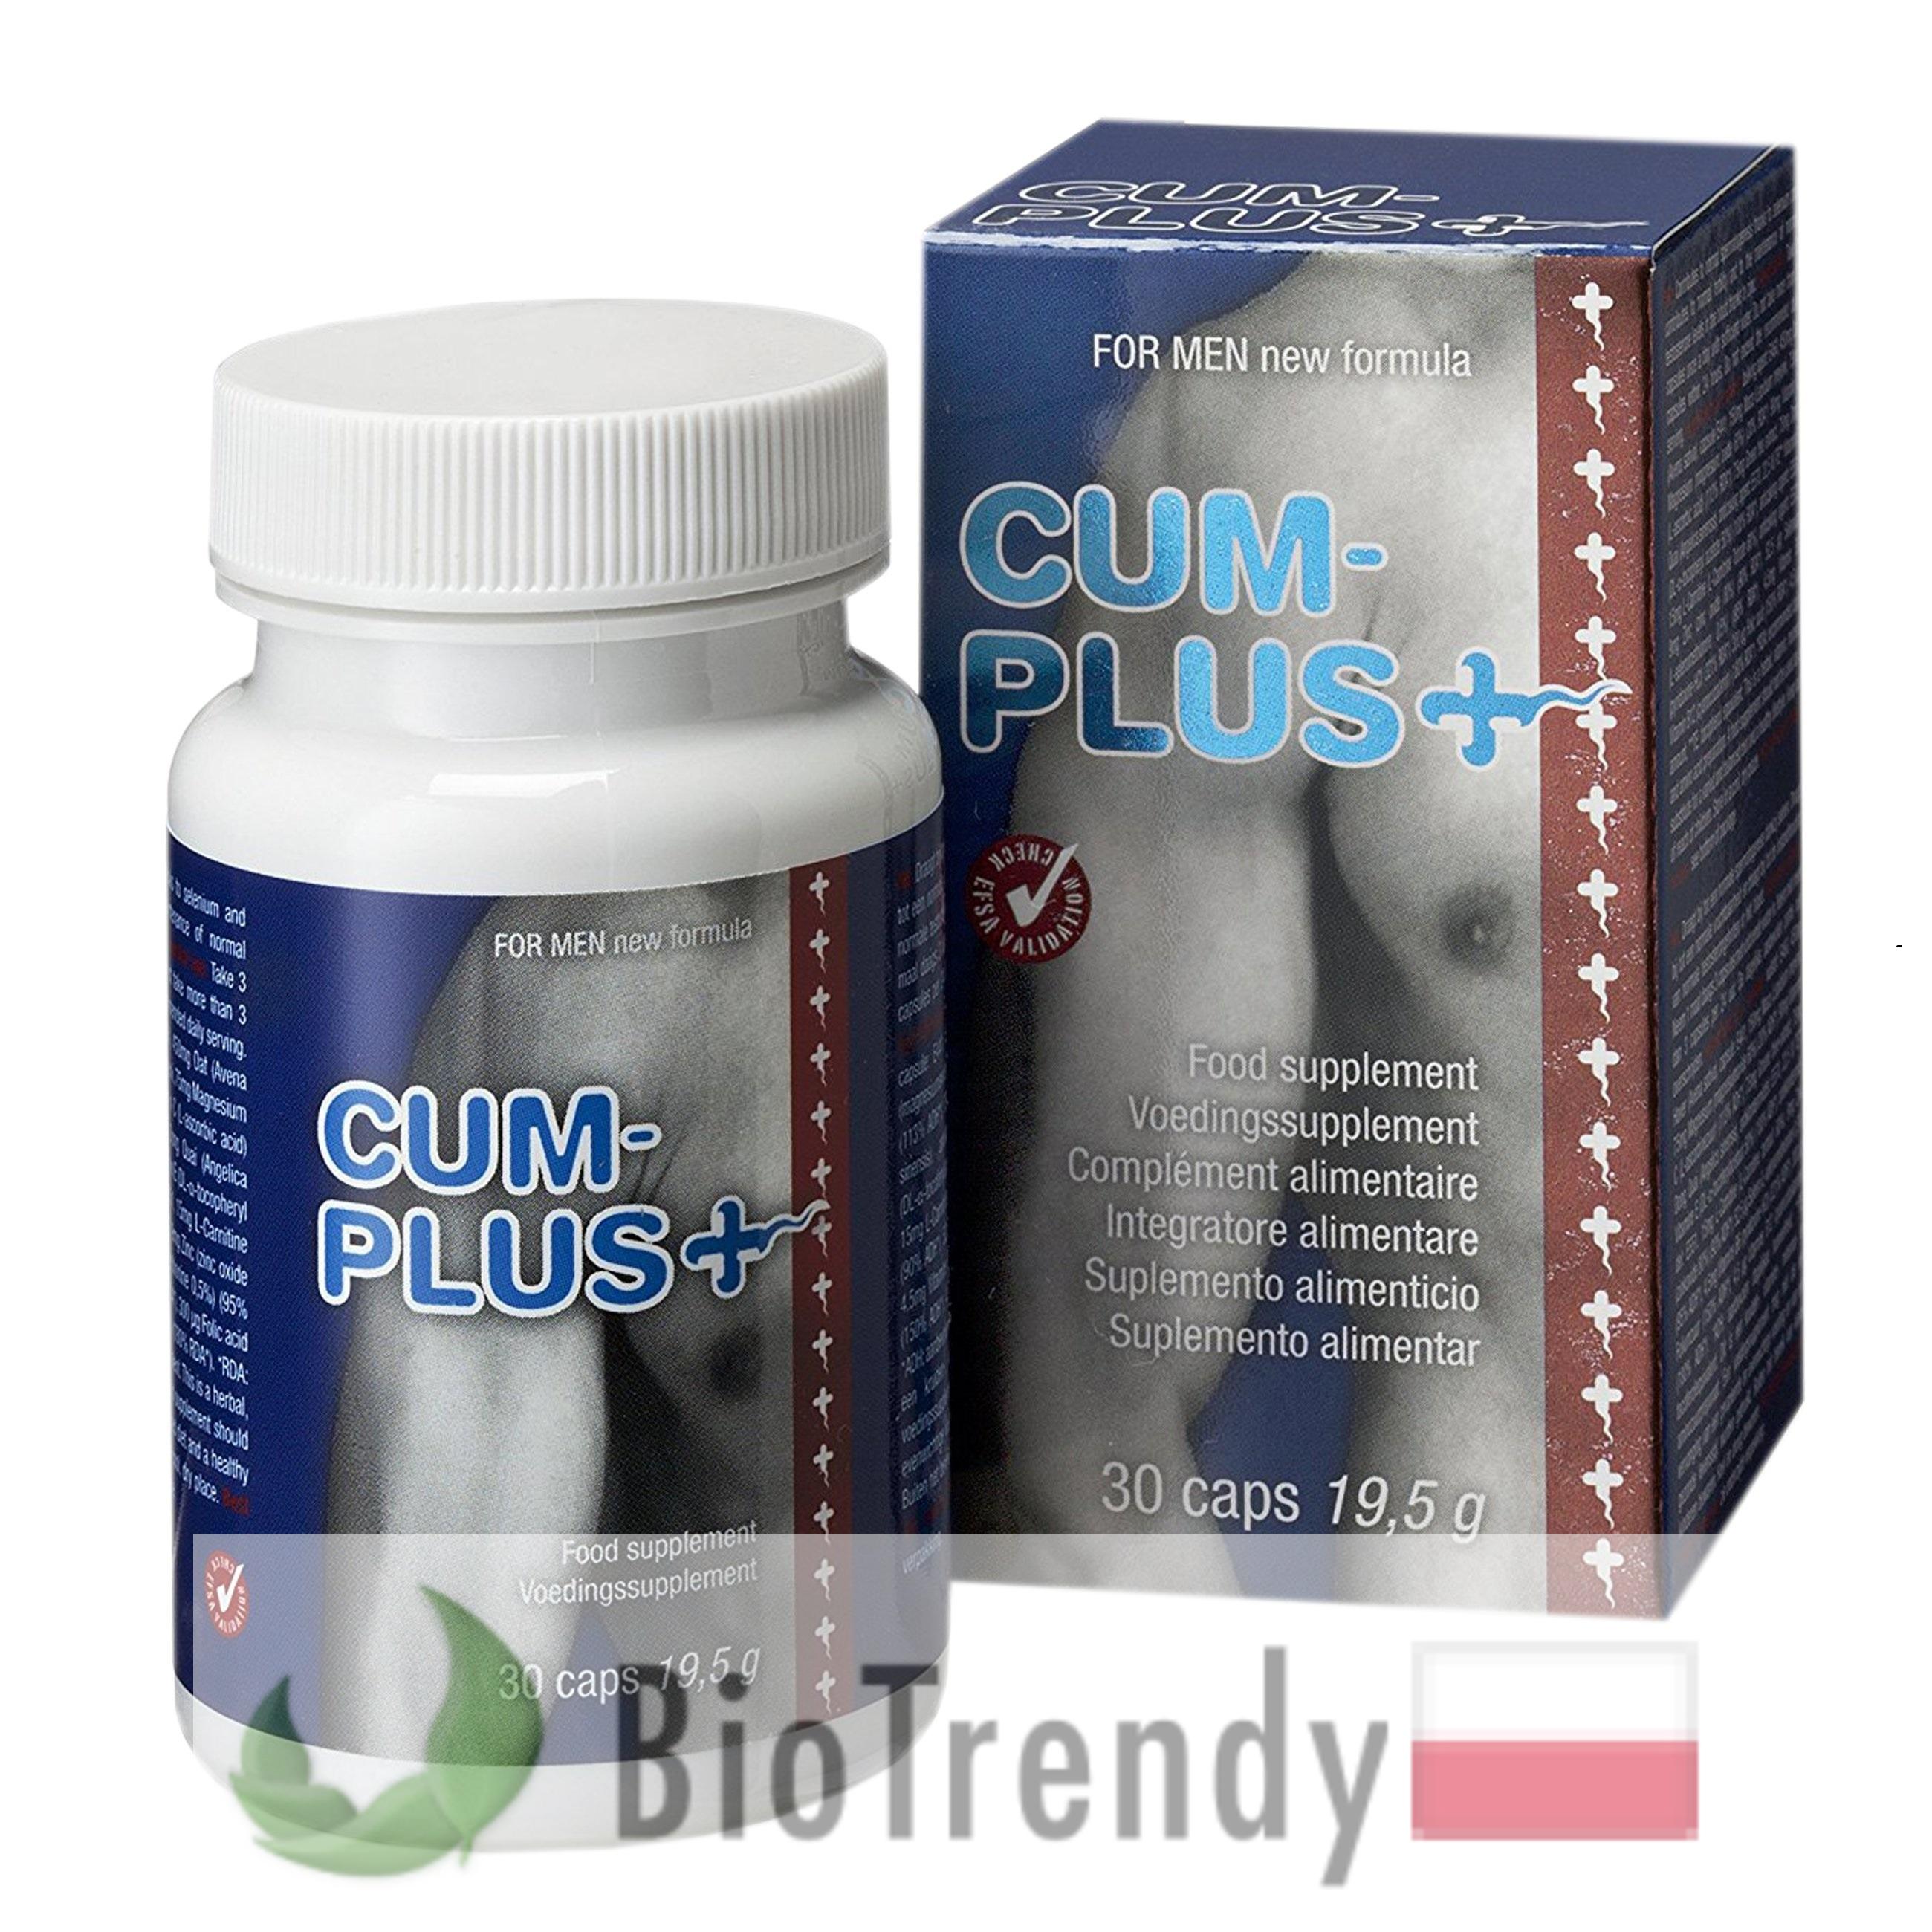 Potencja - tabletki na potencje - problemy z potencją - problemy z erekcją - zaburzenia erekcji - wzwód